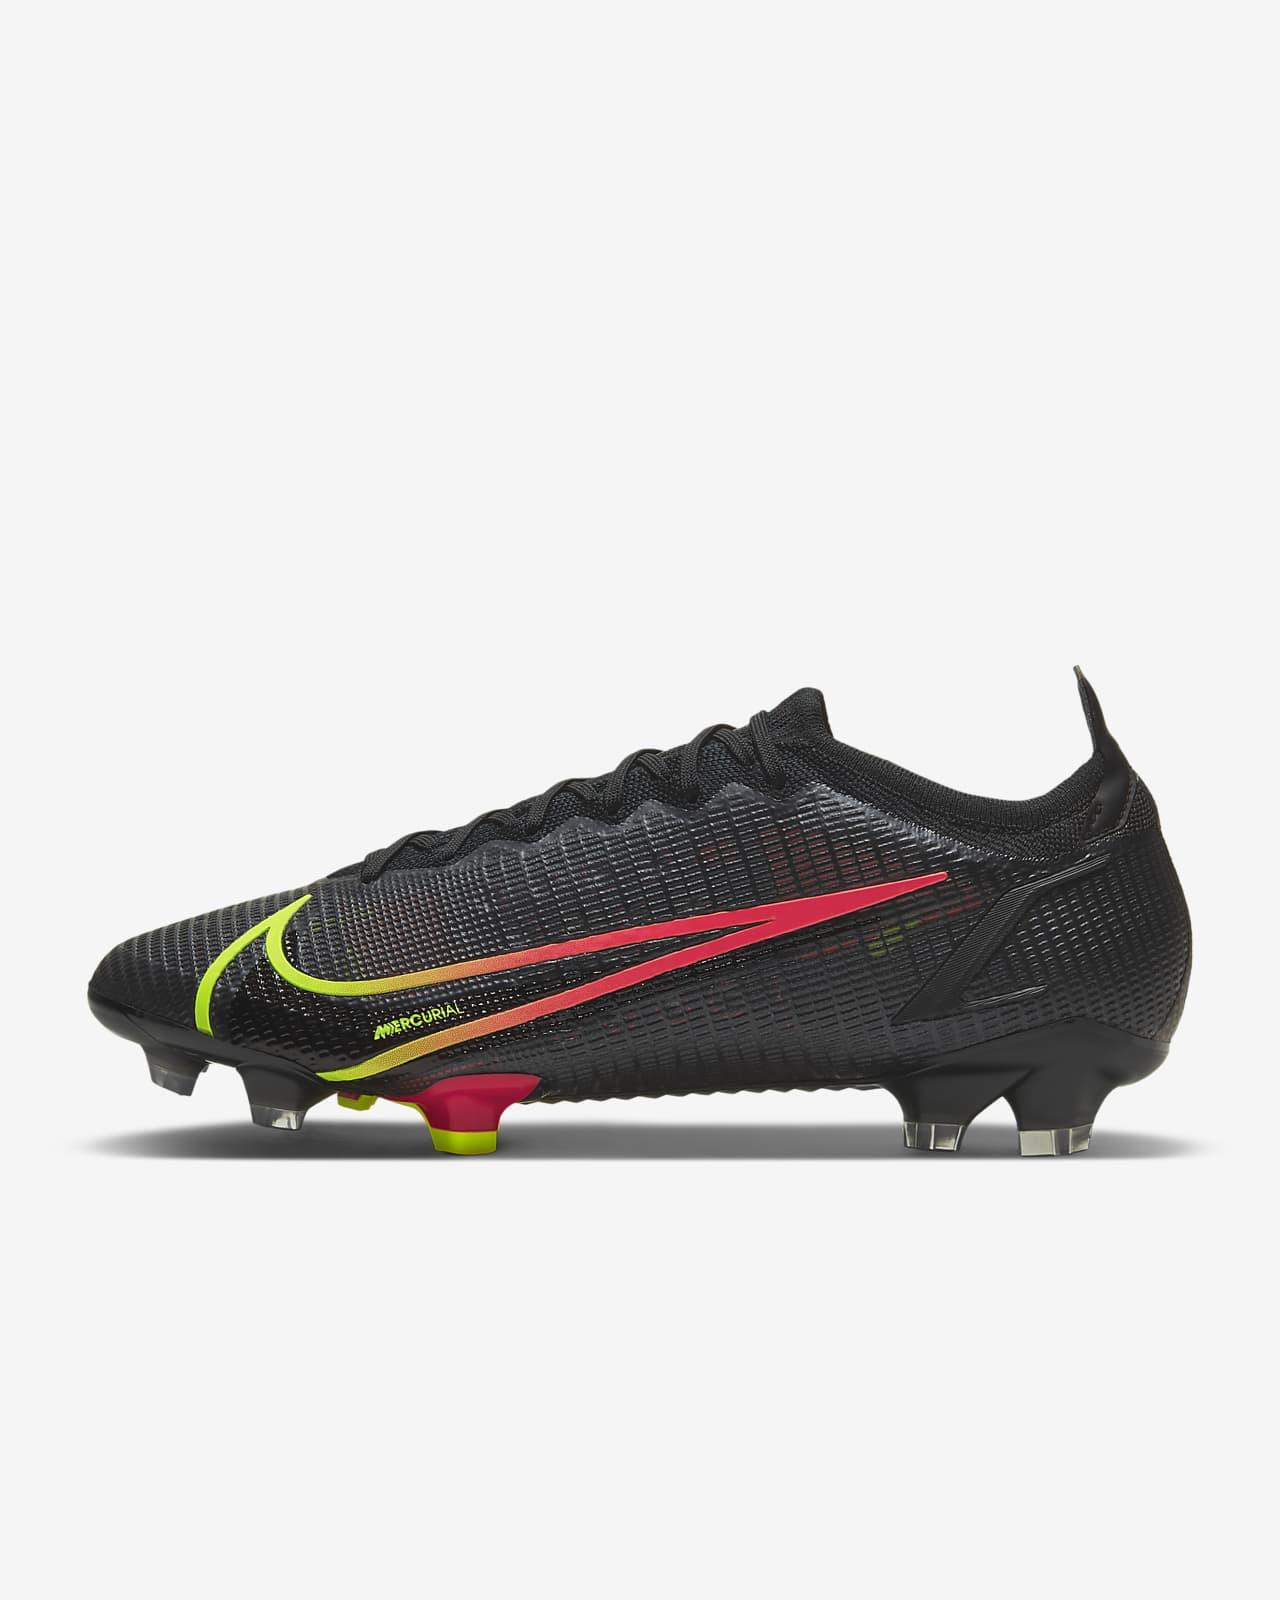 Chaussure de football à crampons pour terrain sec Nike Mercurial Vapor 14 Elite FG